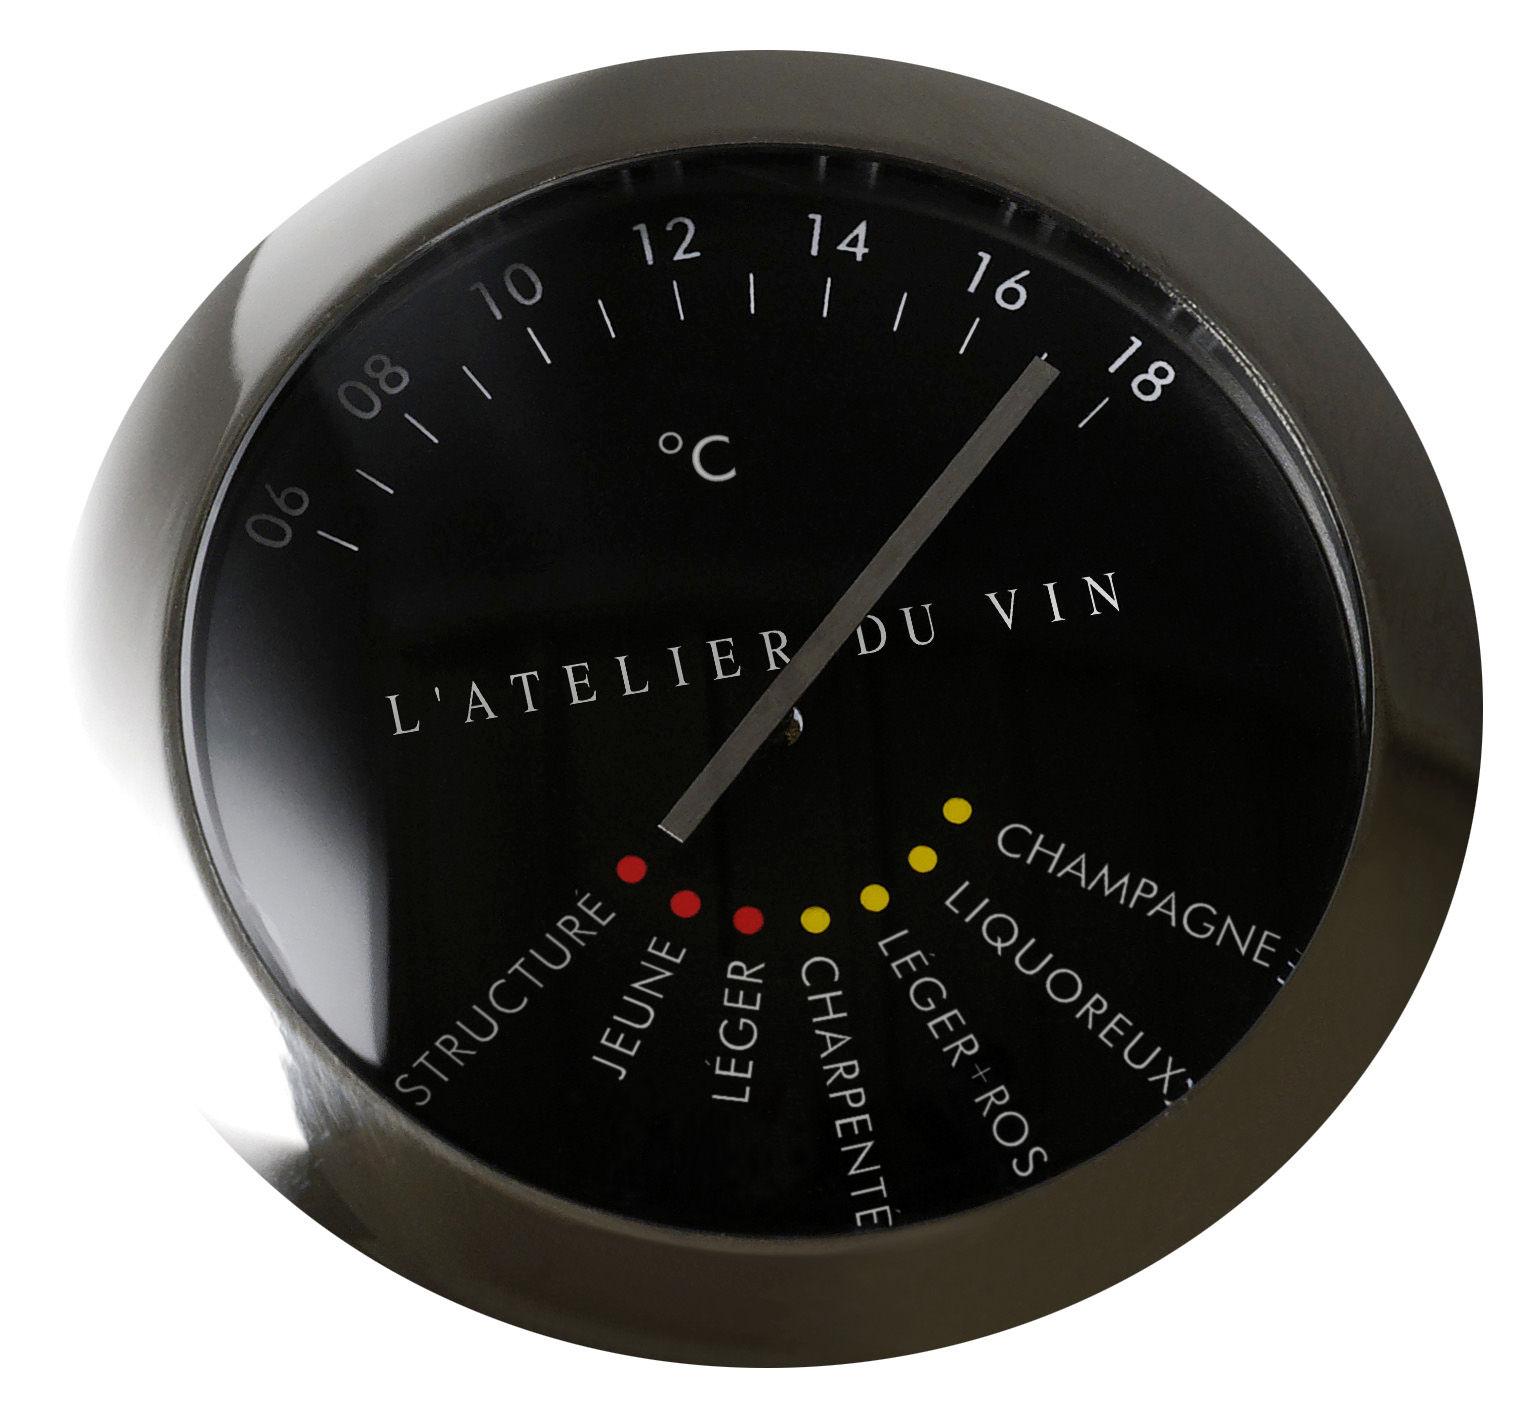 Tischkultur - Bar, Wein und Apéritif - Wein-Thermometer - L'Atelier du Vin - Edelstahl - rostfreier Stahl